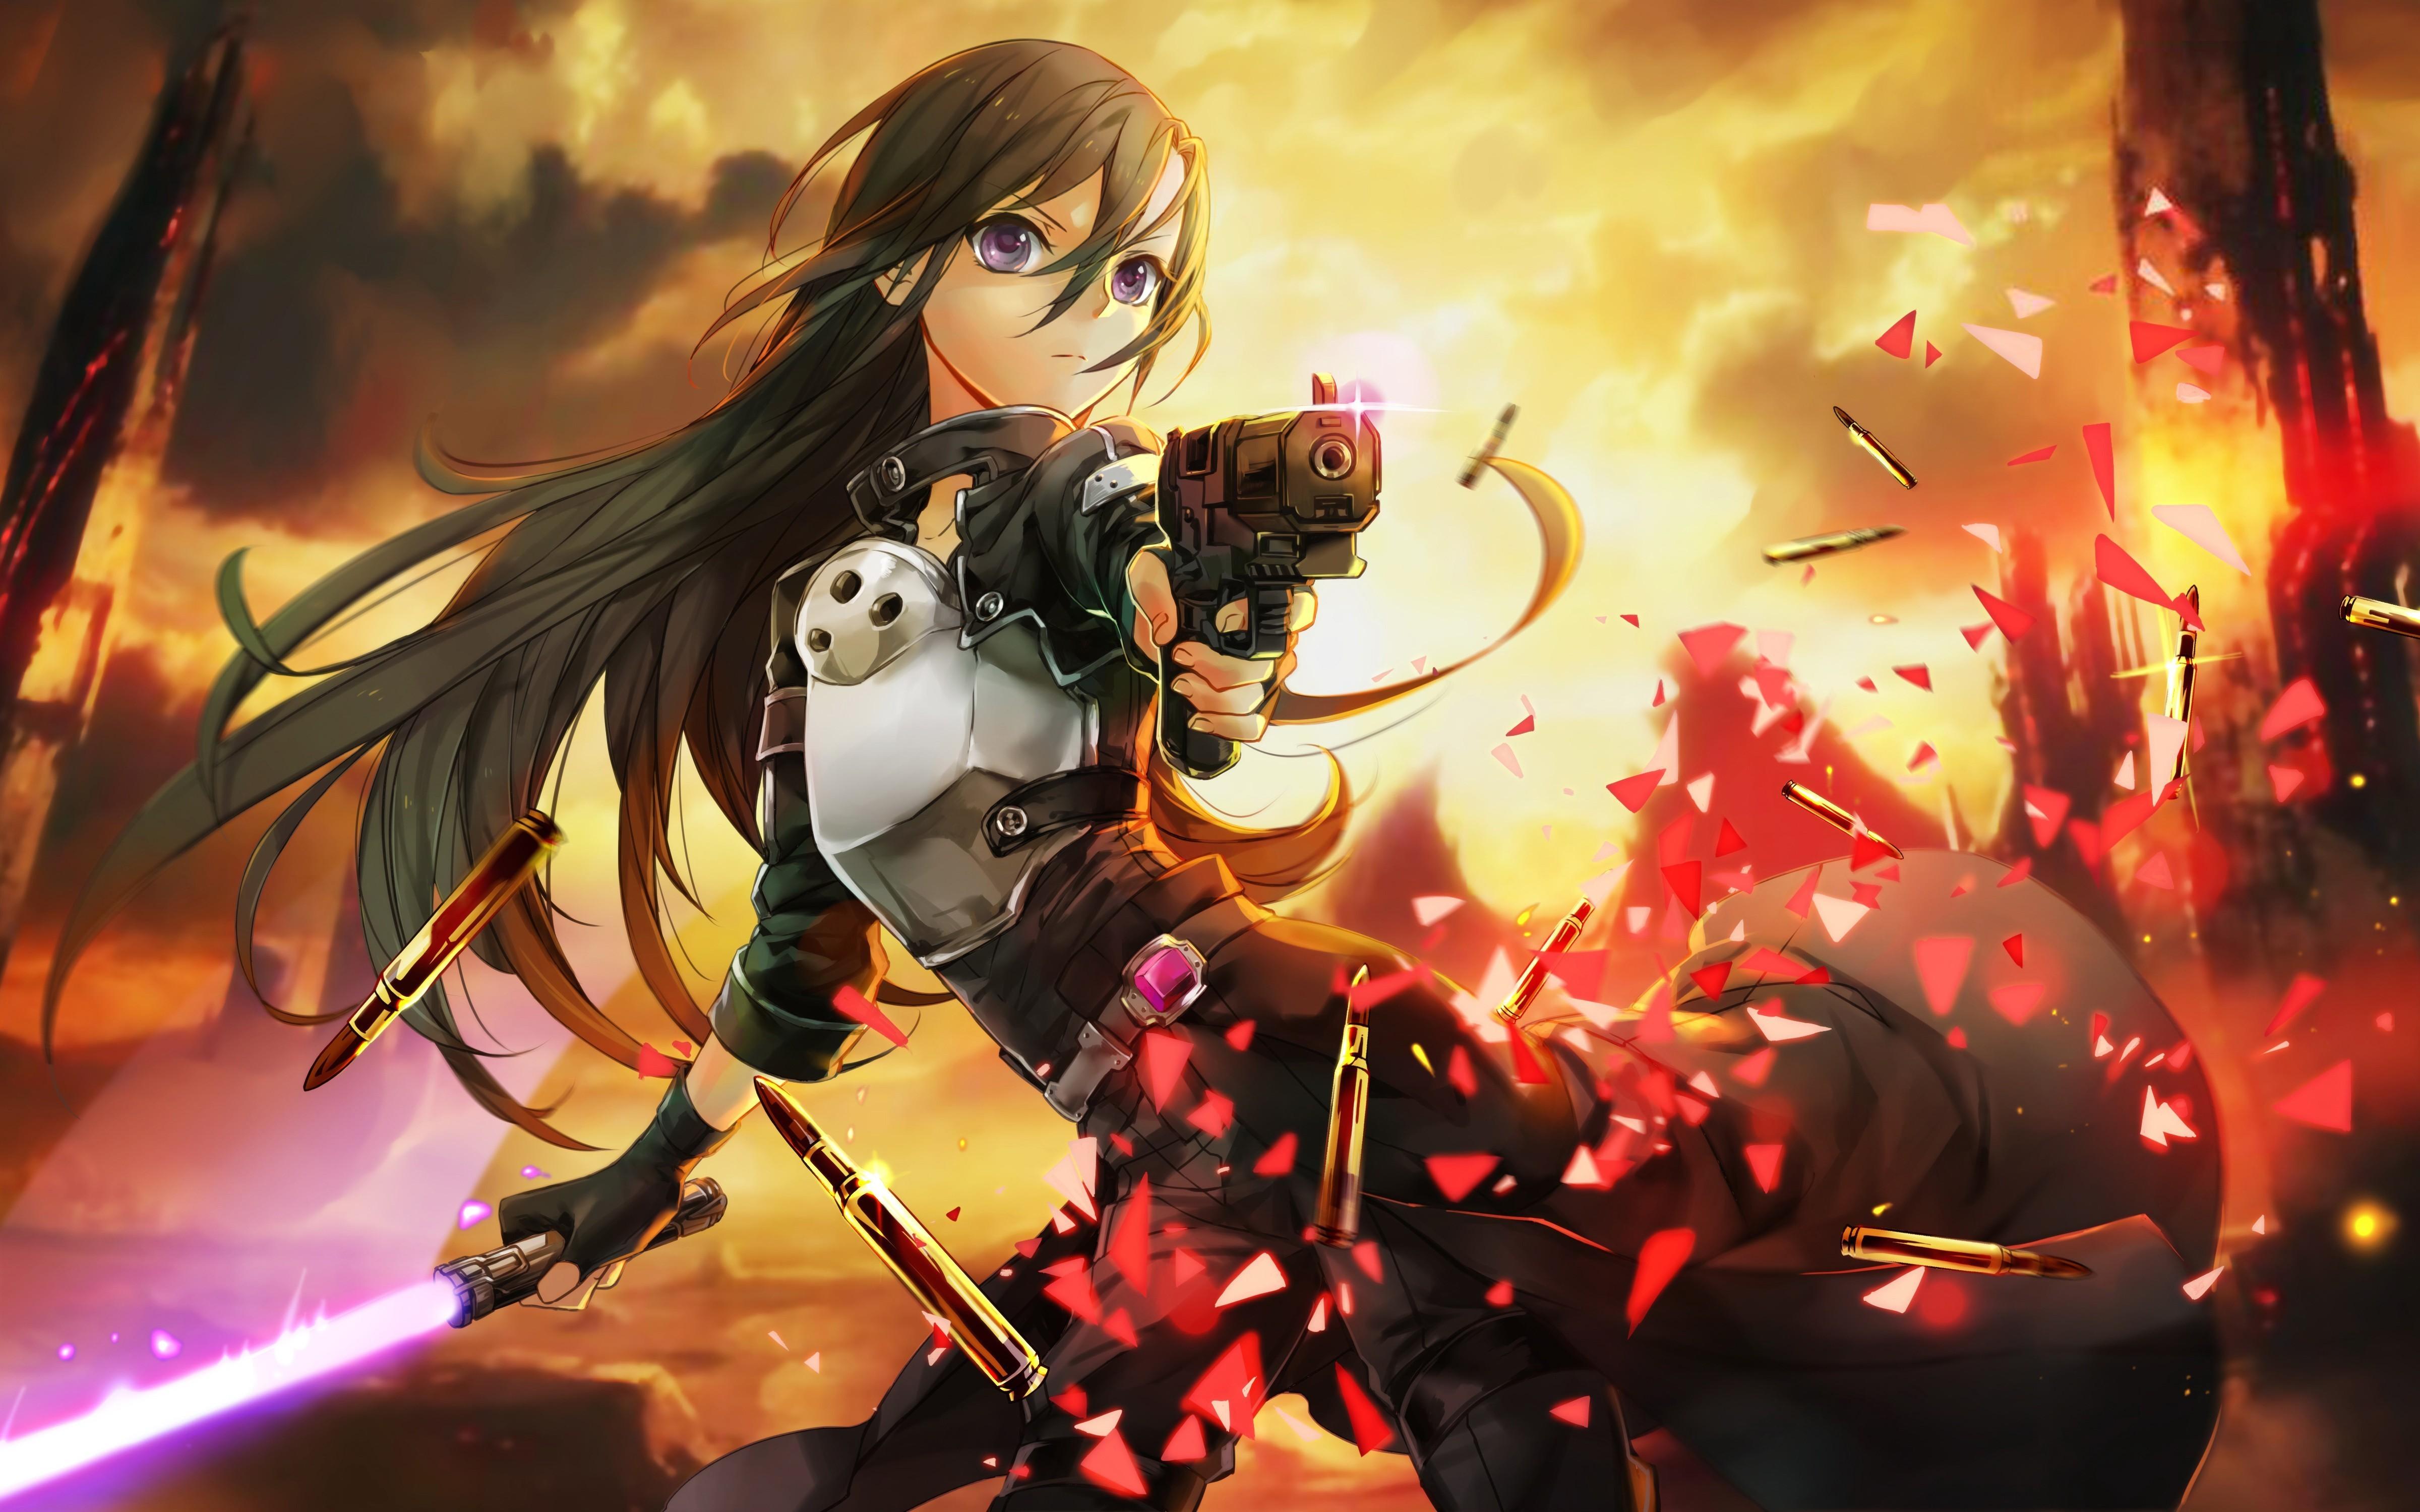 Hot Anime Girl Wallpaper